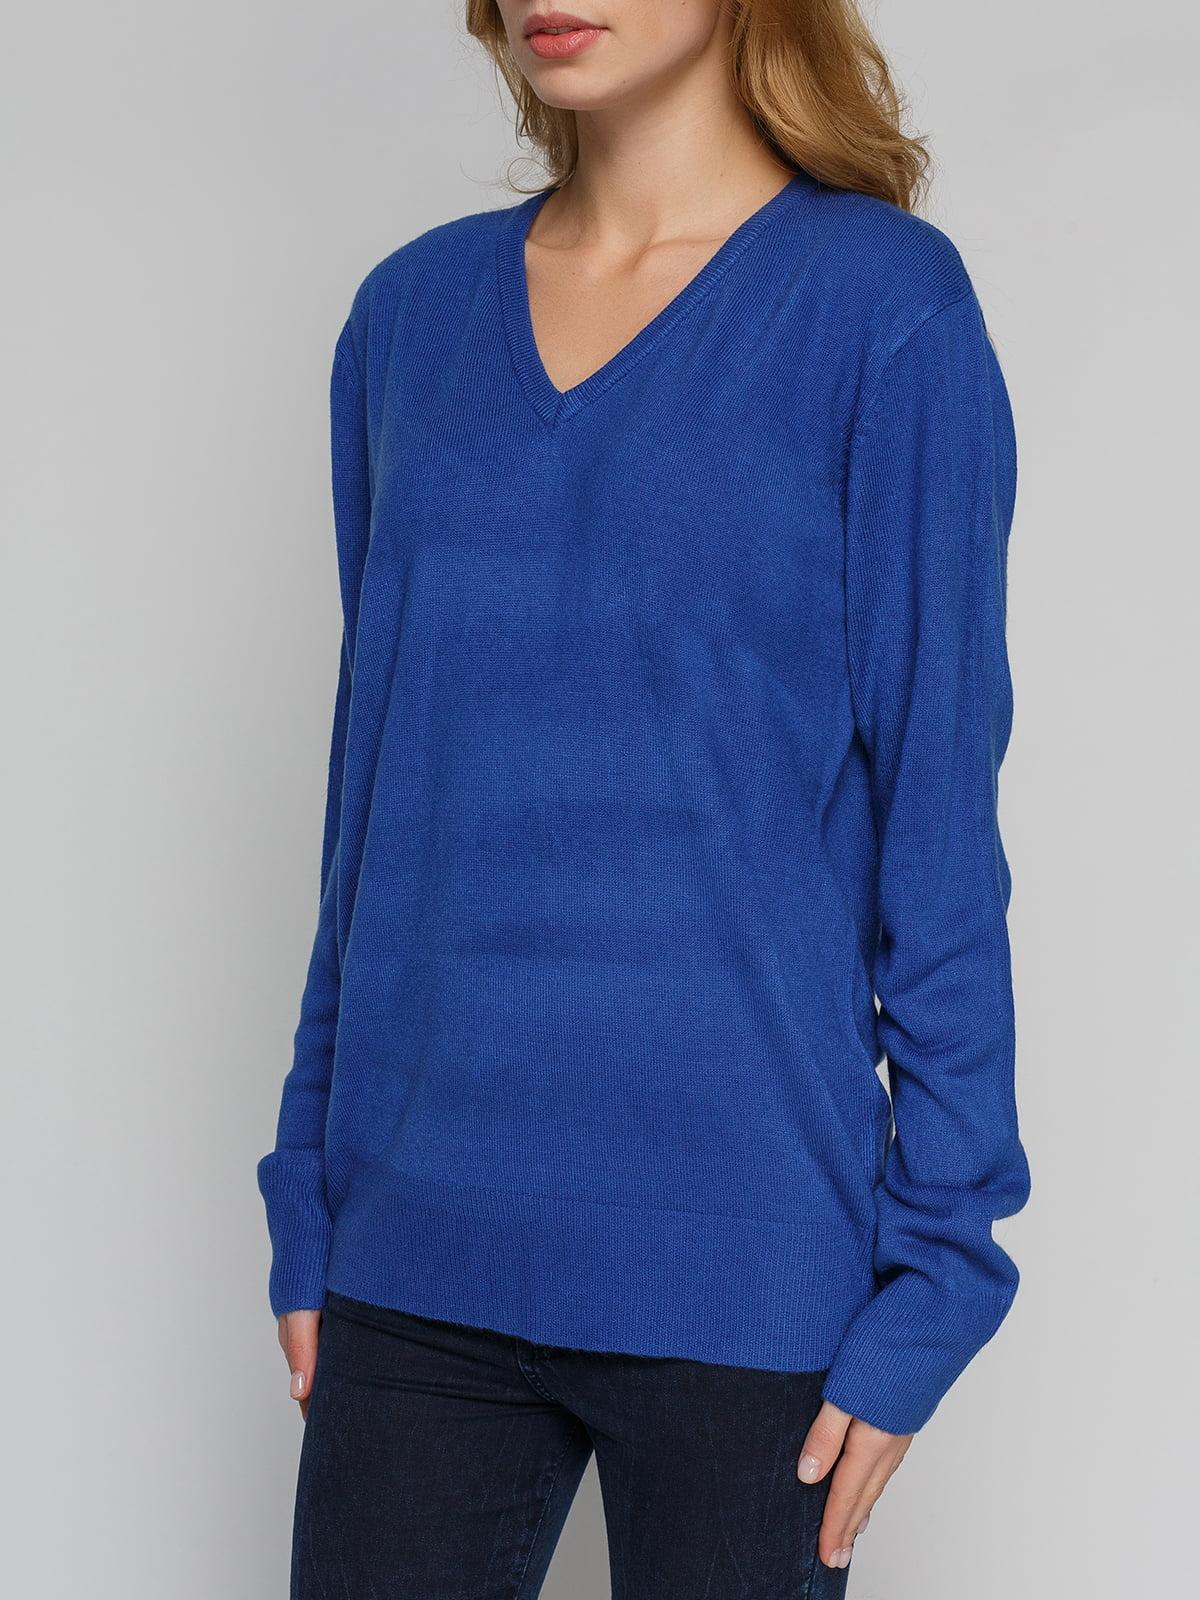 Пуловер синій | 4855276 | фото 3